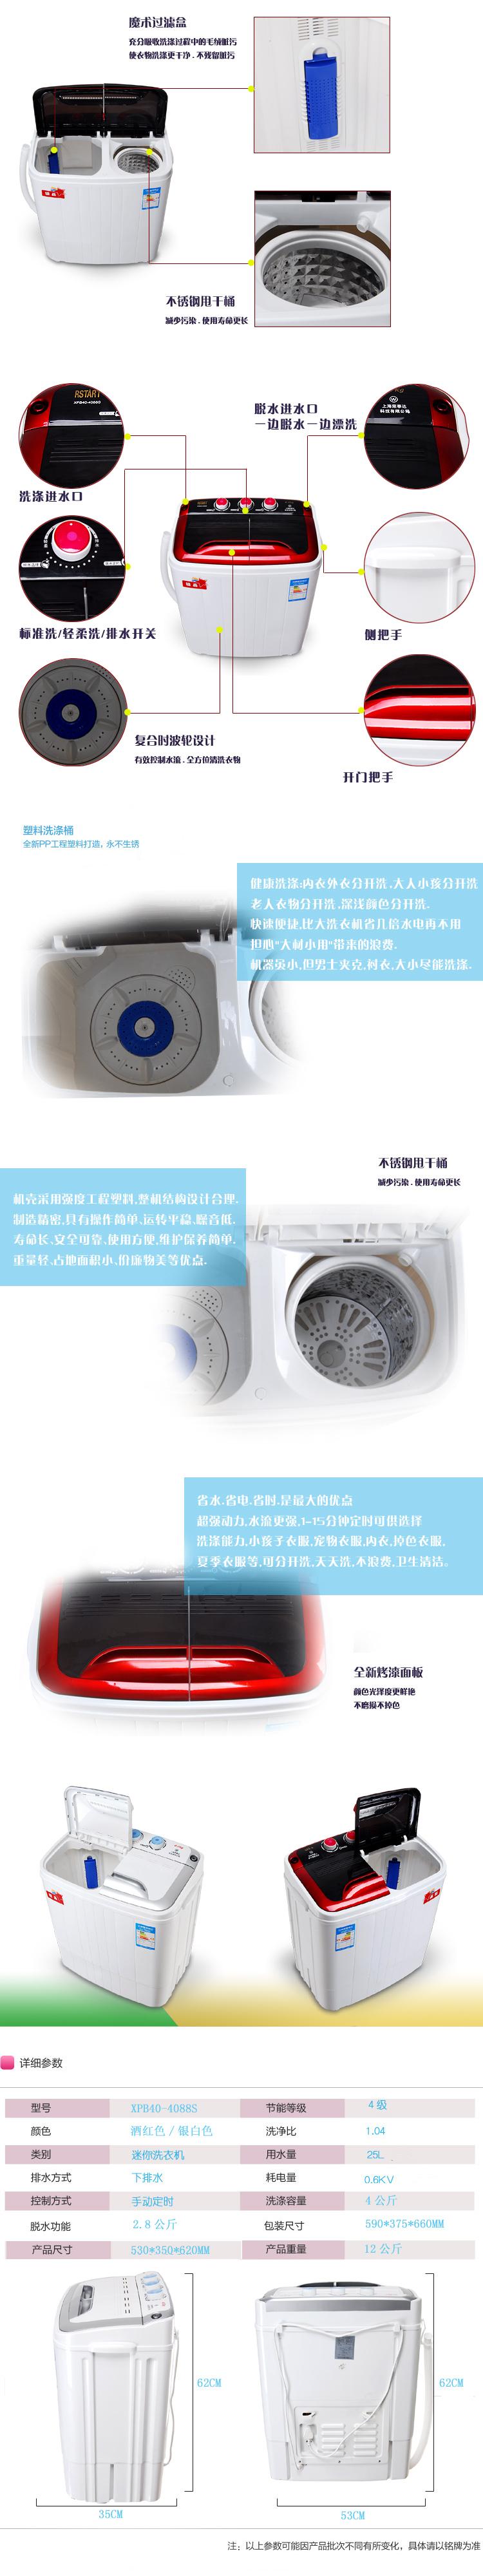 荣事达xpb78-2008s洗衣机电路图